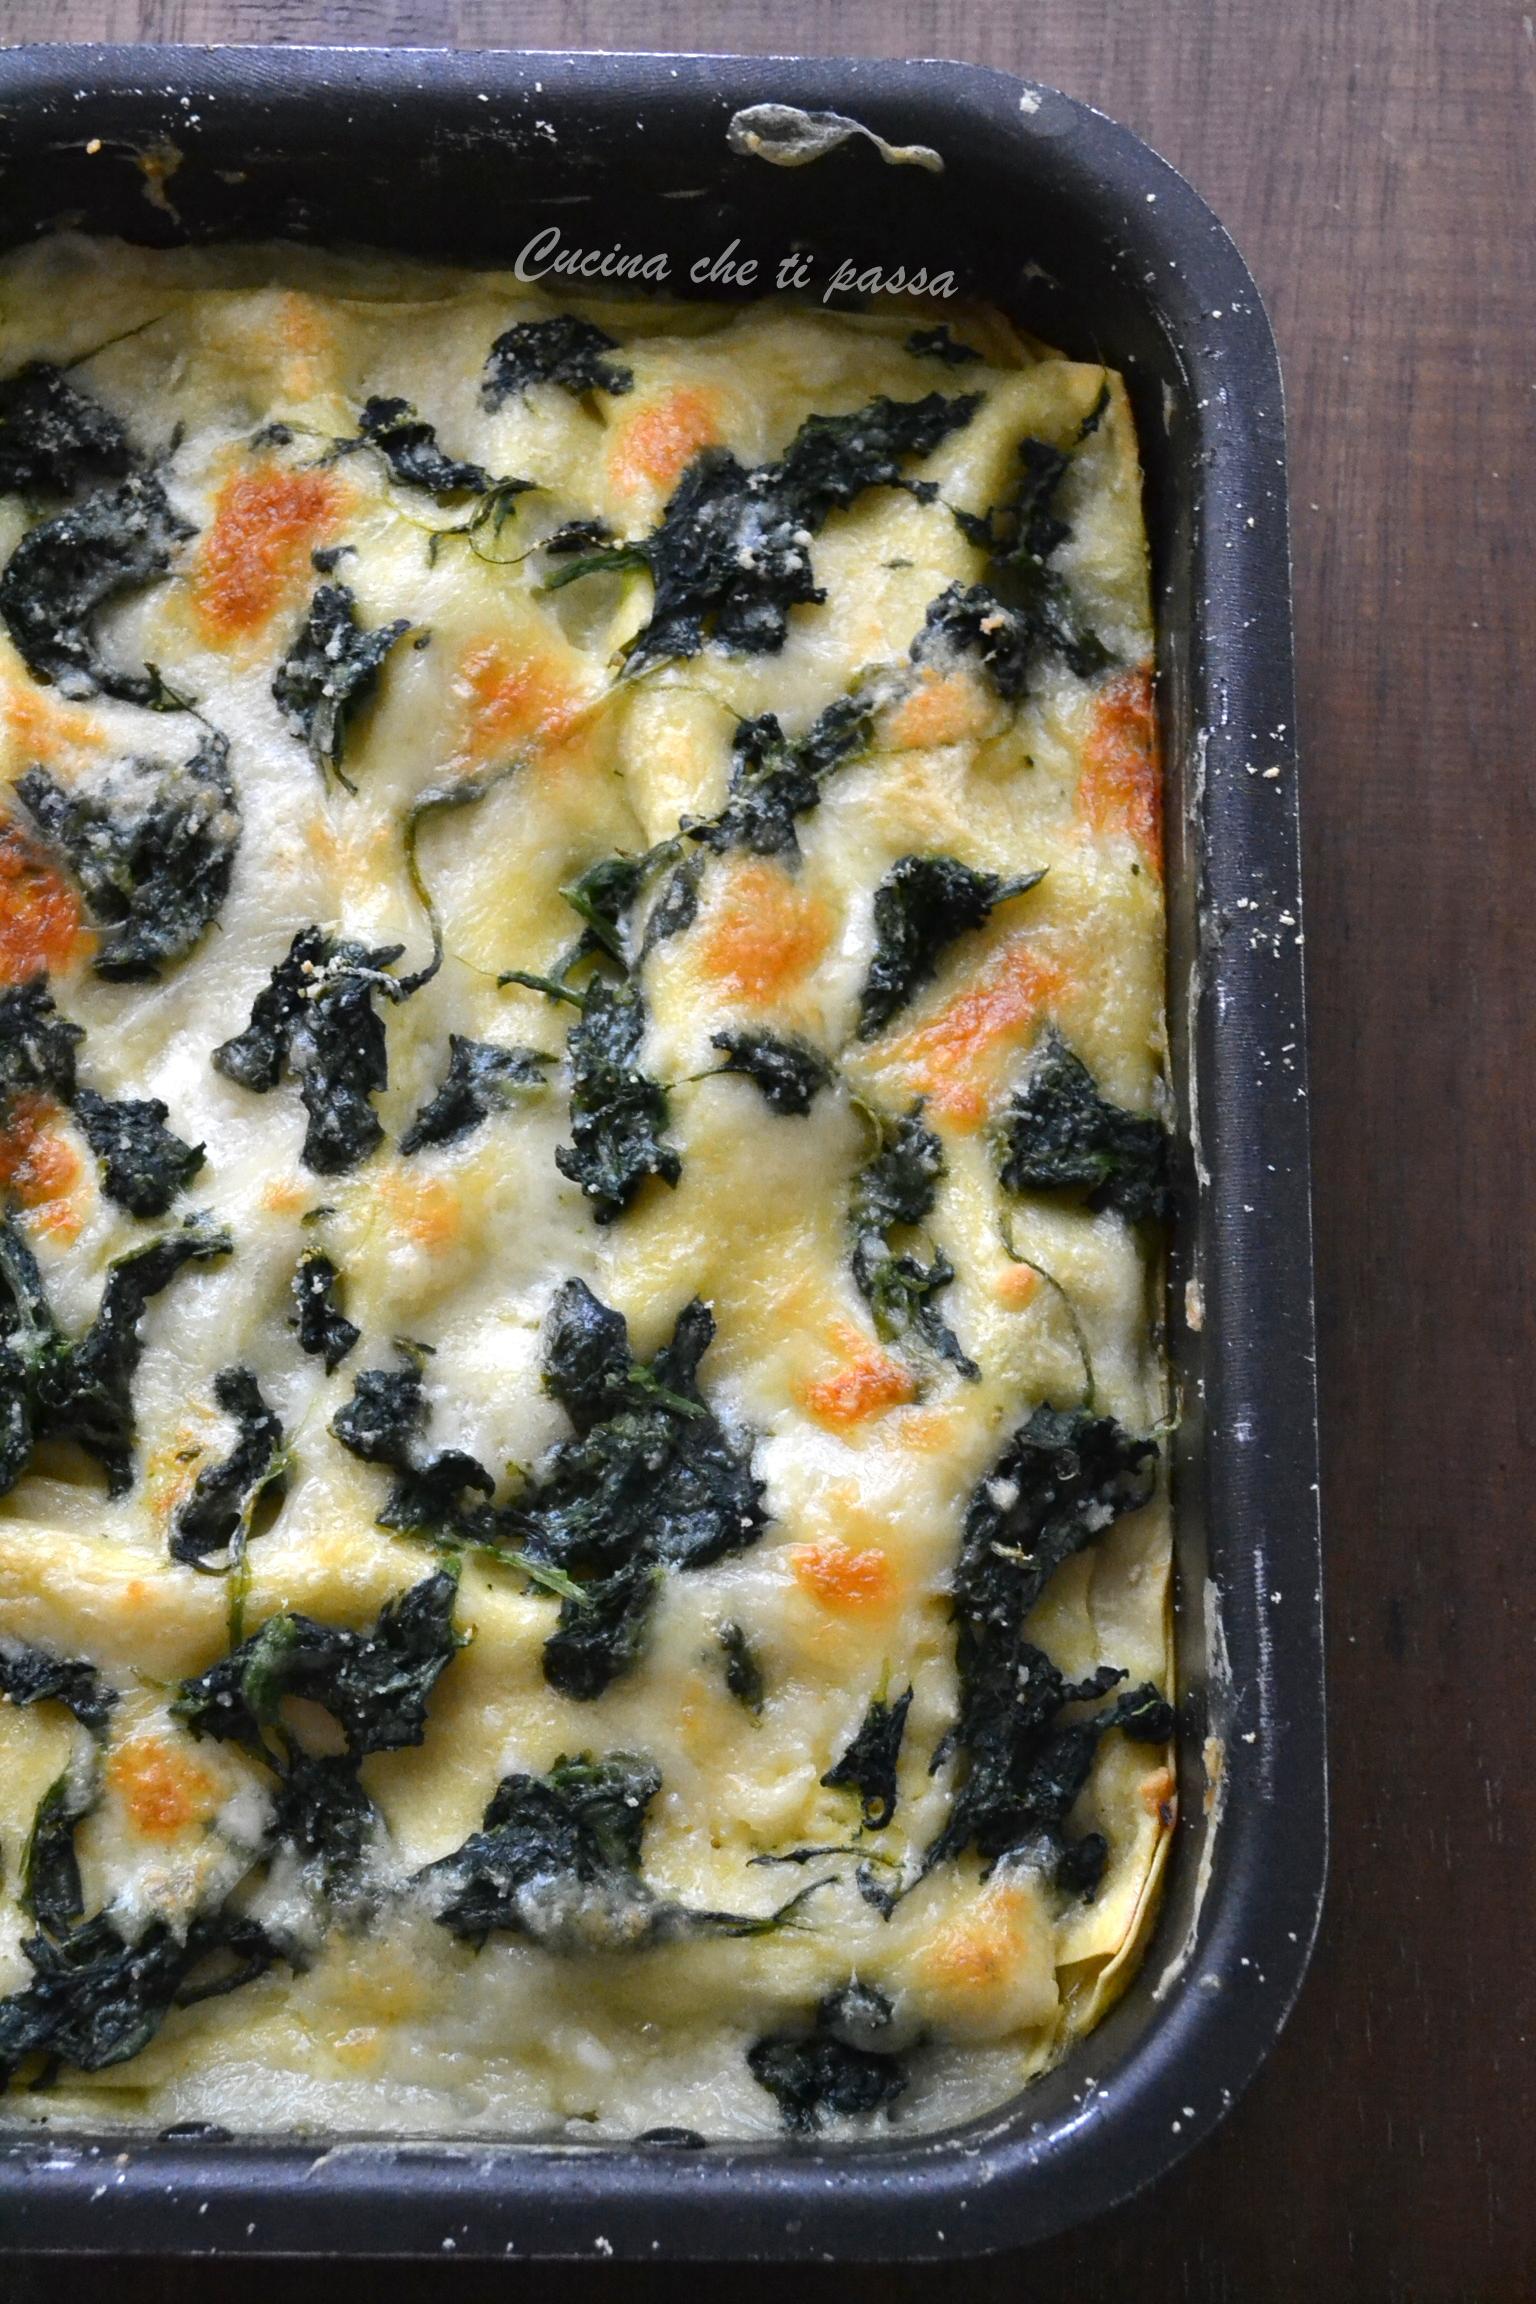 Ricetta Lasagne E Spinaci.Lasagne Agli Spinaci E Besciamella Facili Da Preparare